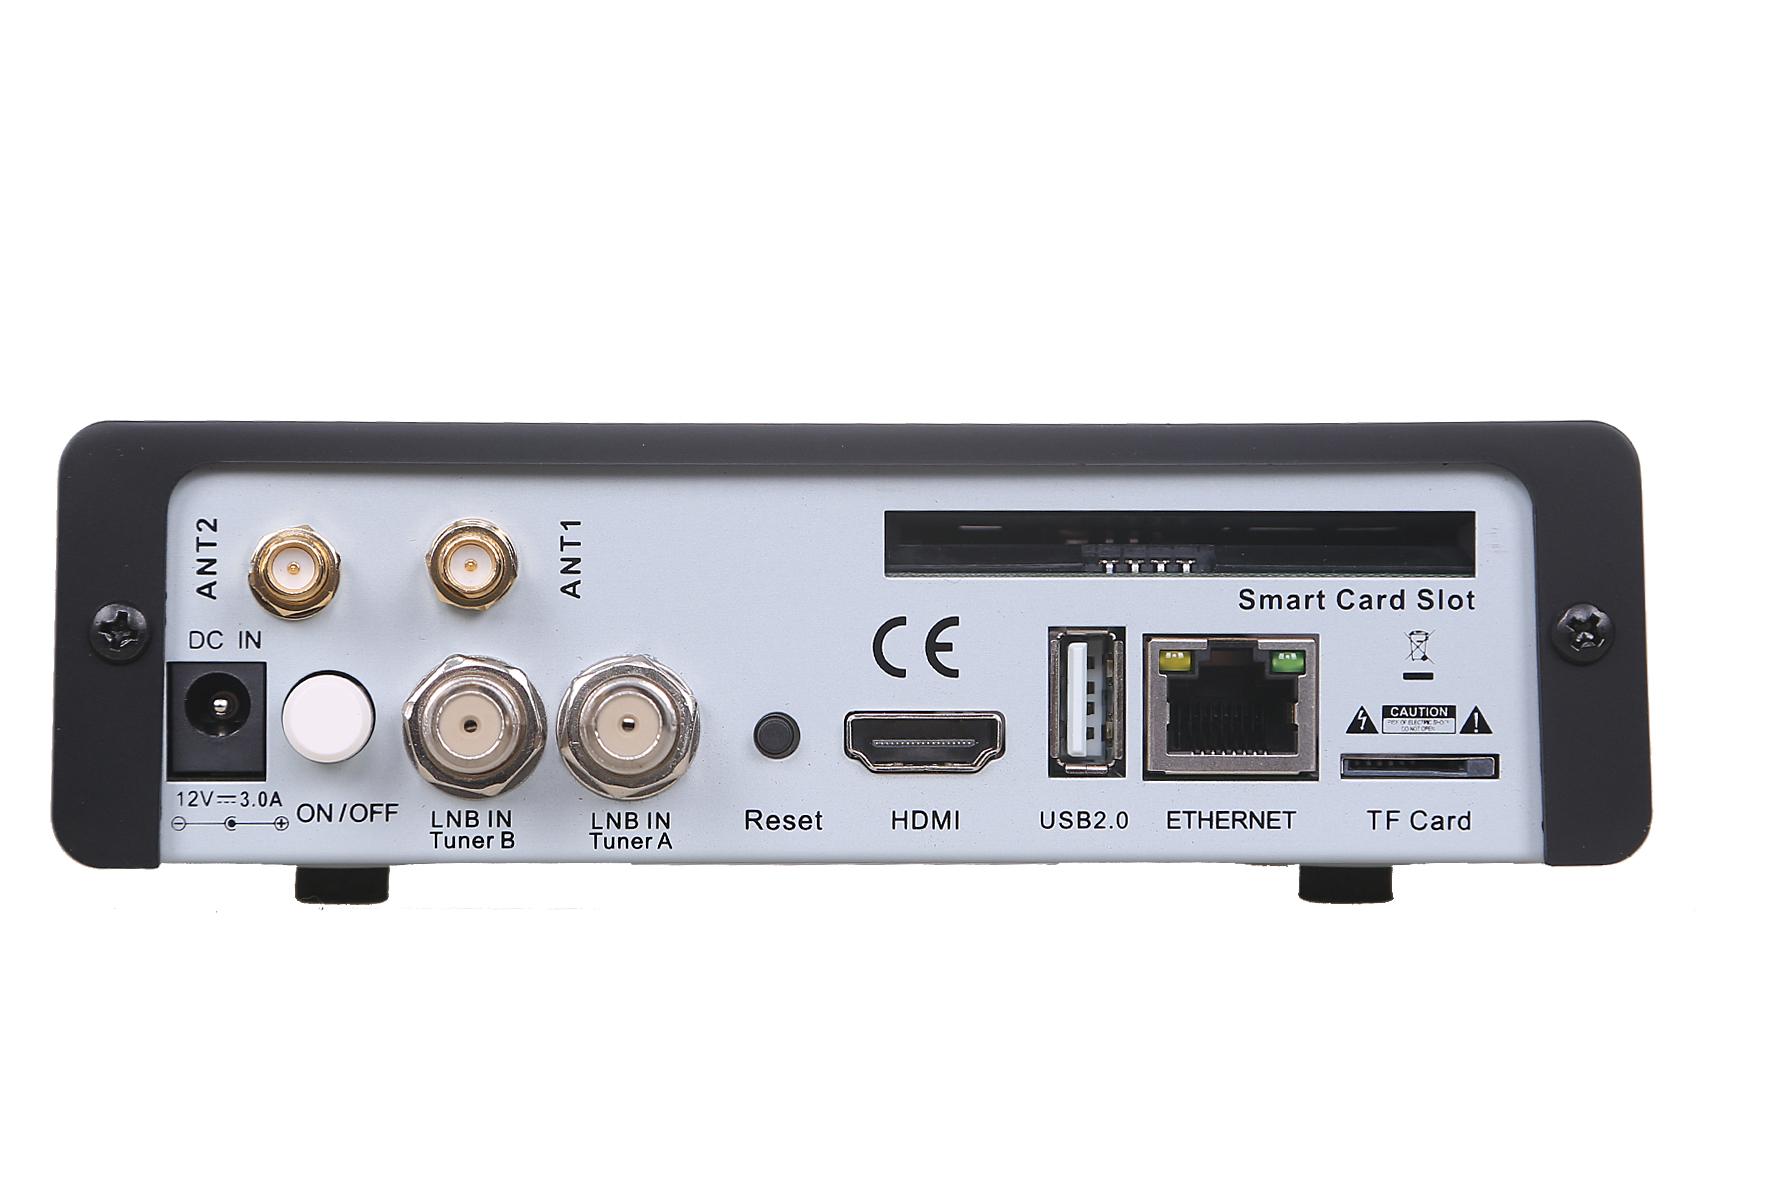 ZGEMMA H9.2S 4K ENIGMA2 Cccam Iptv Oscam Model H9.2S